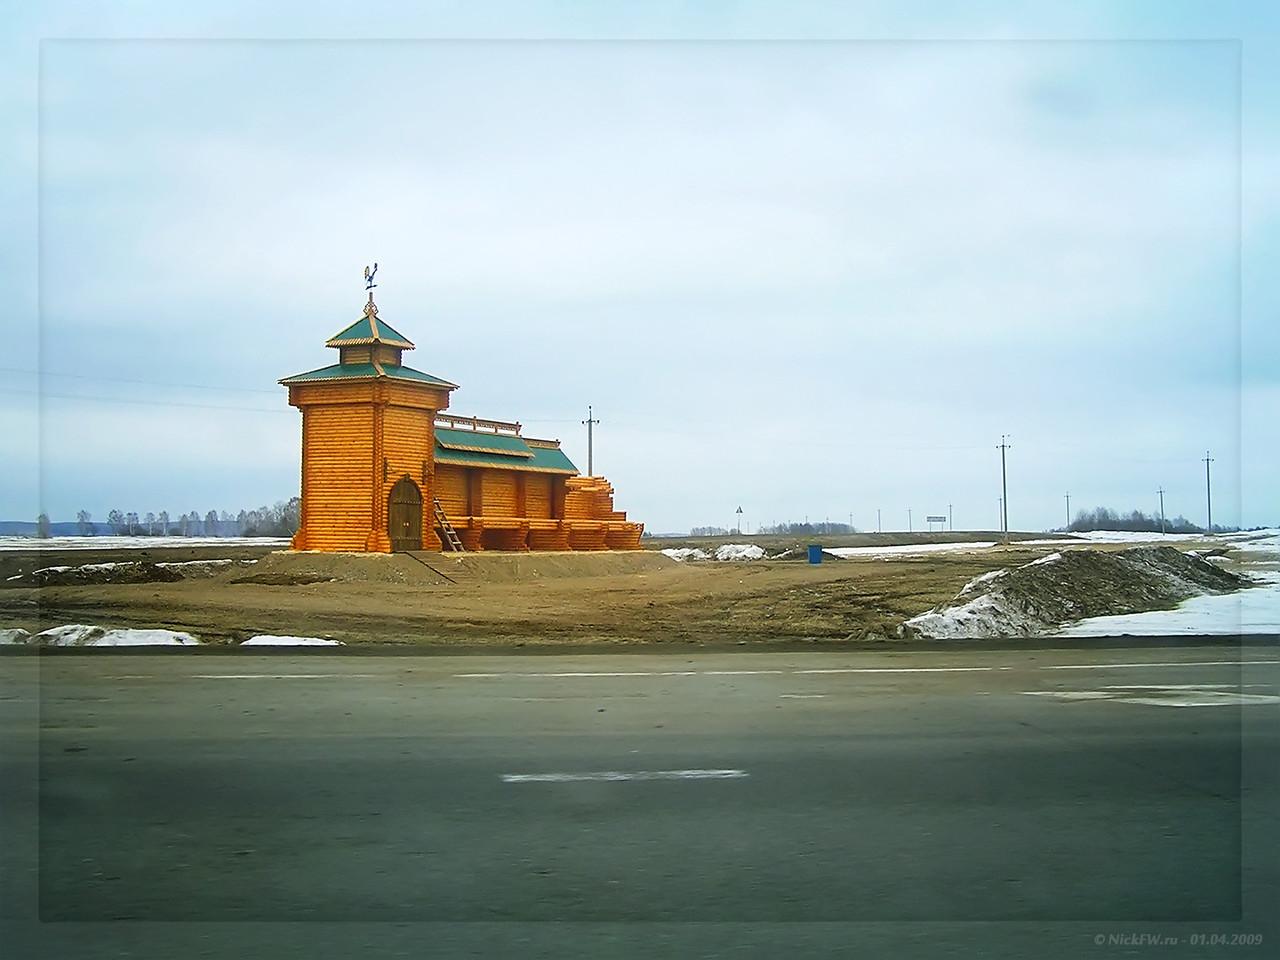 недостроенная стела Мариинск со стороны Кемерово (© NickFW - 01.04.2009)